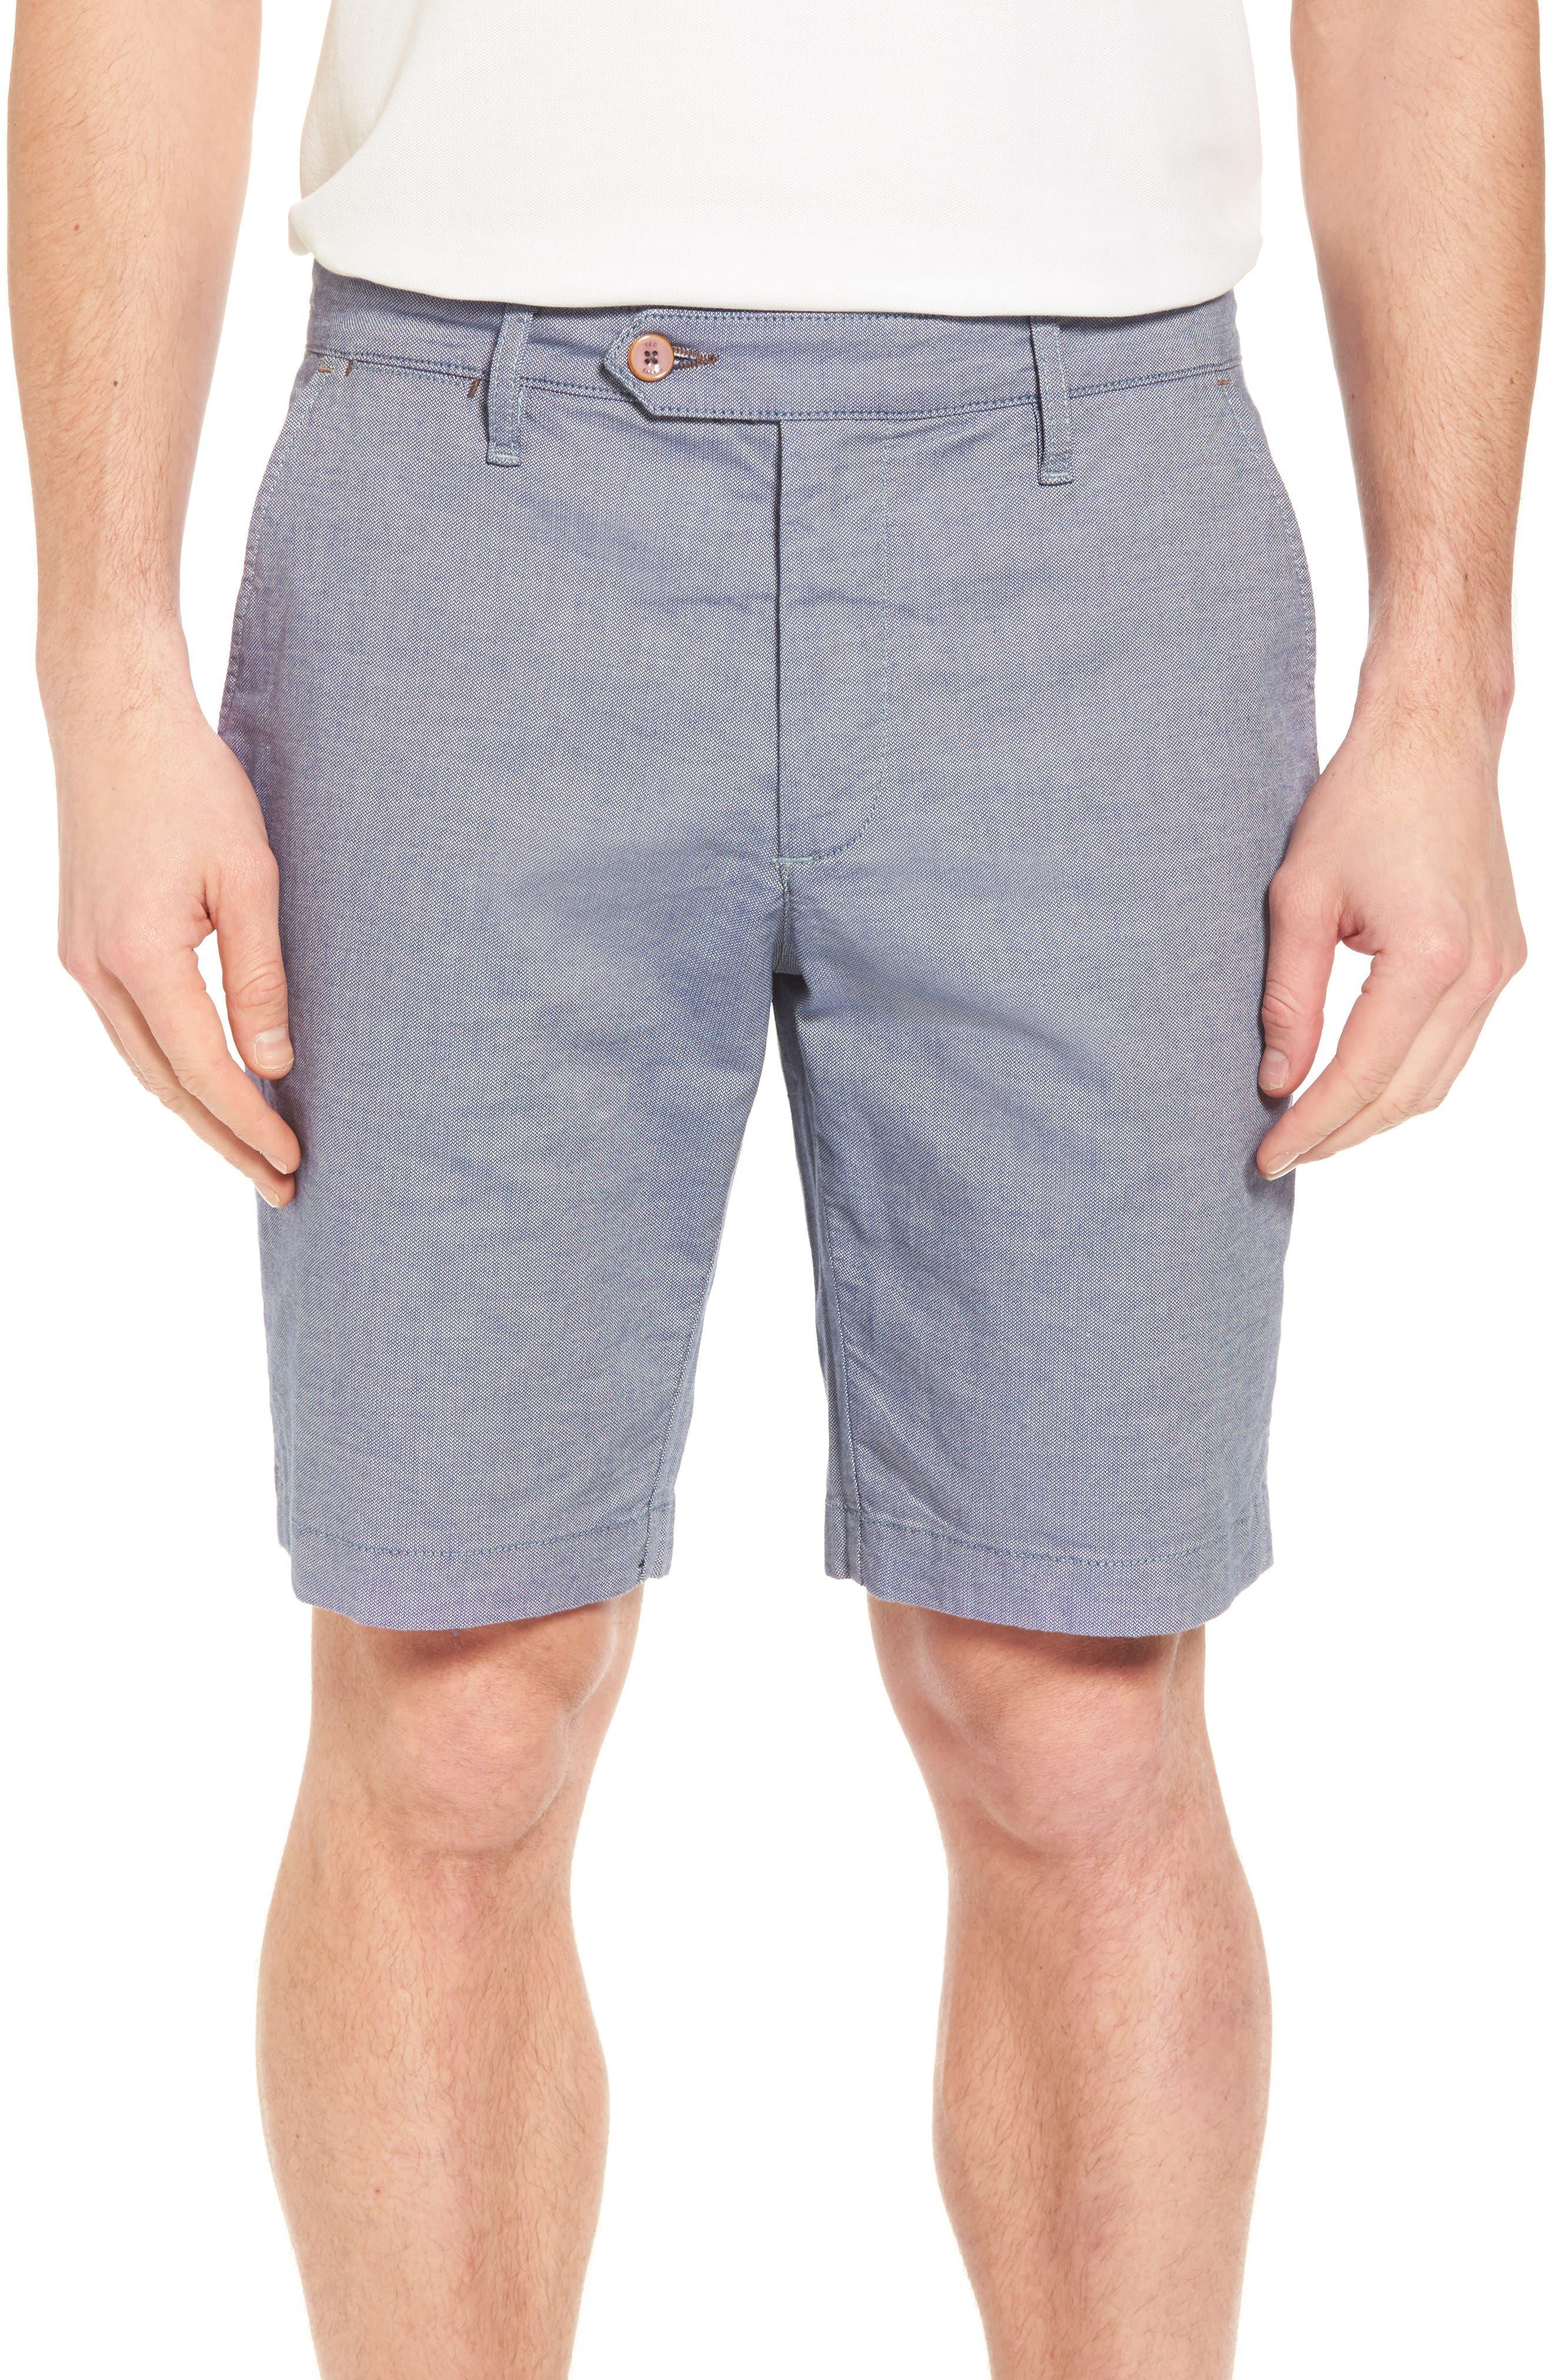 Herbosh Shorts,                             Main thumbnail 1, color,                             Navy